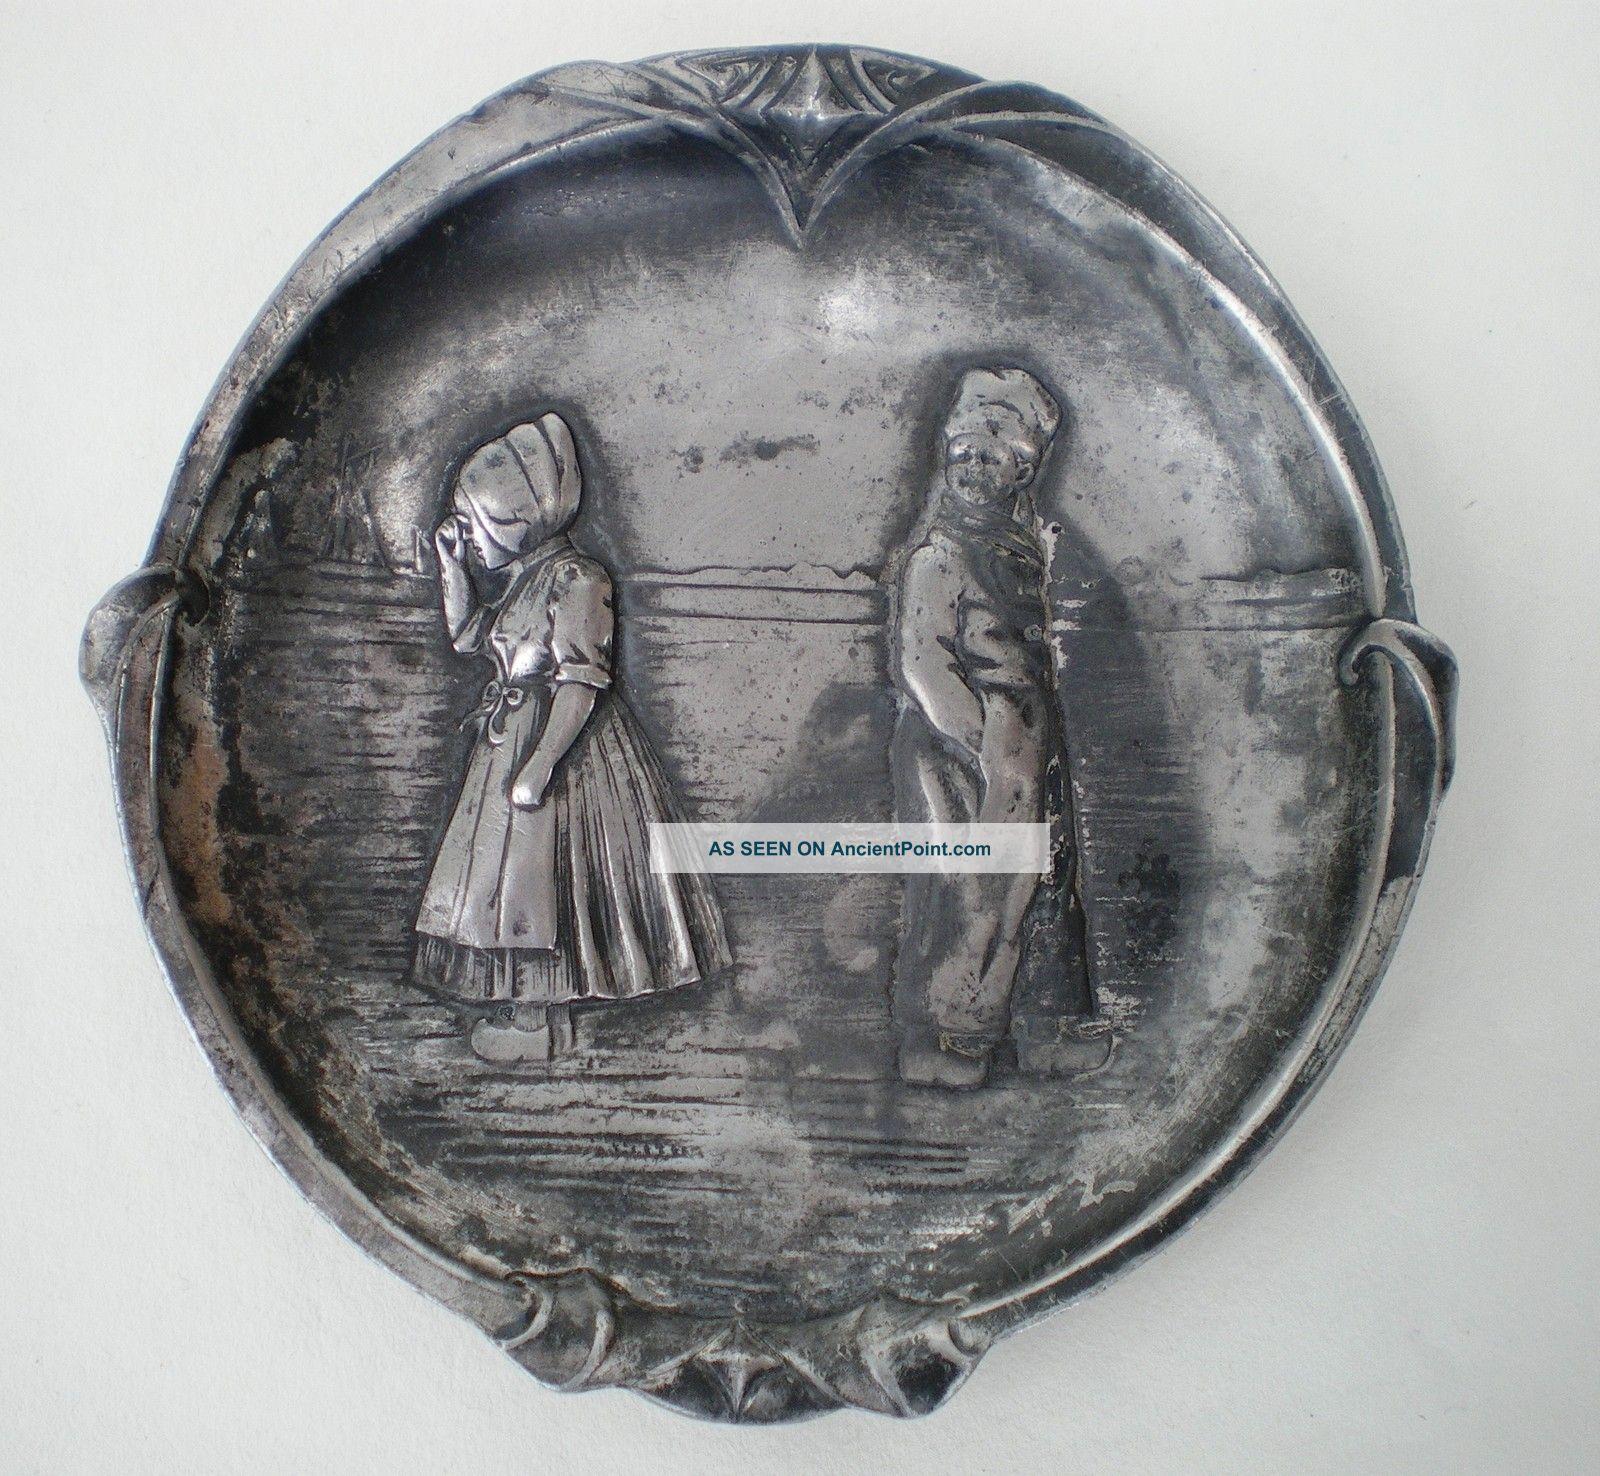 Wmf Art Nouveau Pewter Dish / Trinket Tray / Vide Poche Dutch Children C:1900 Art Nouveau photo